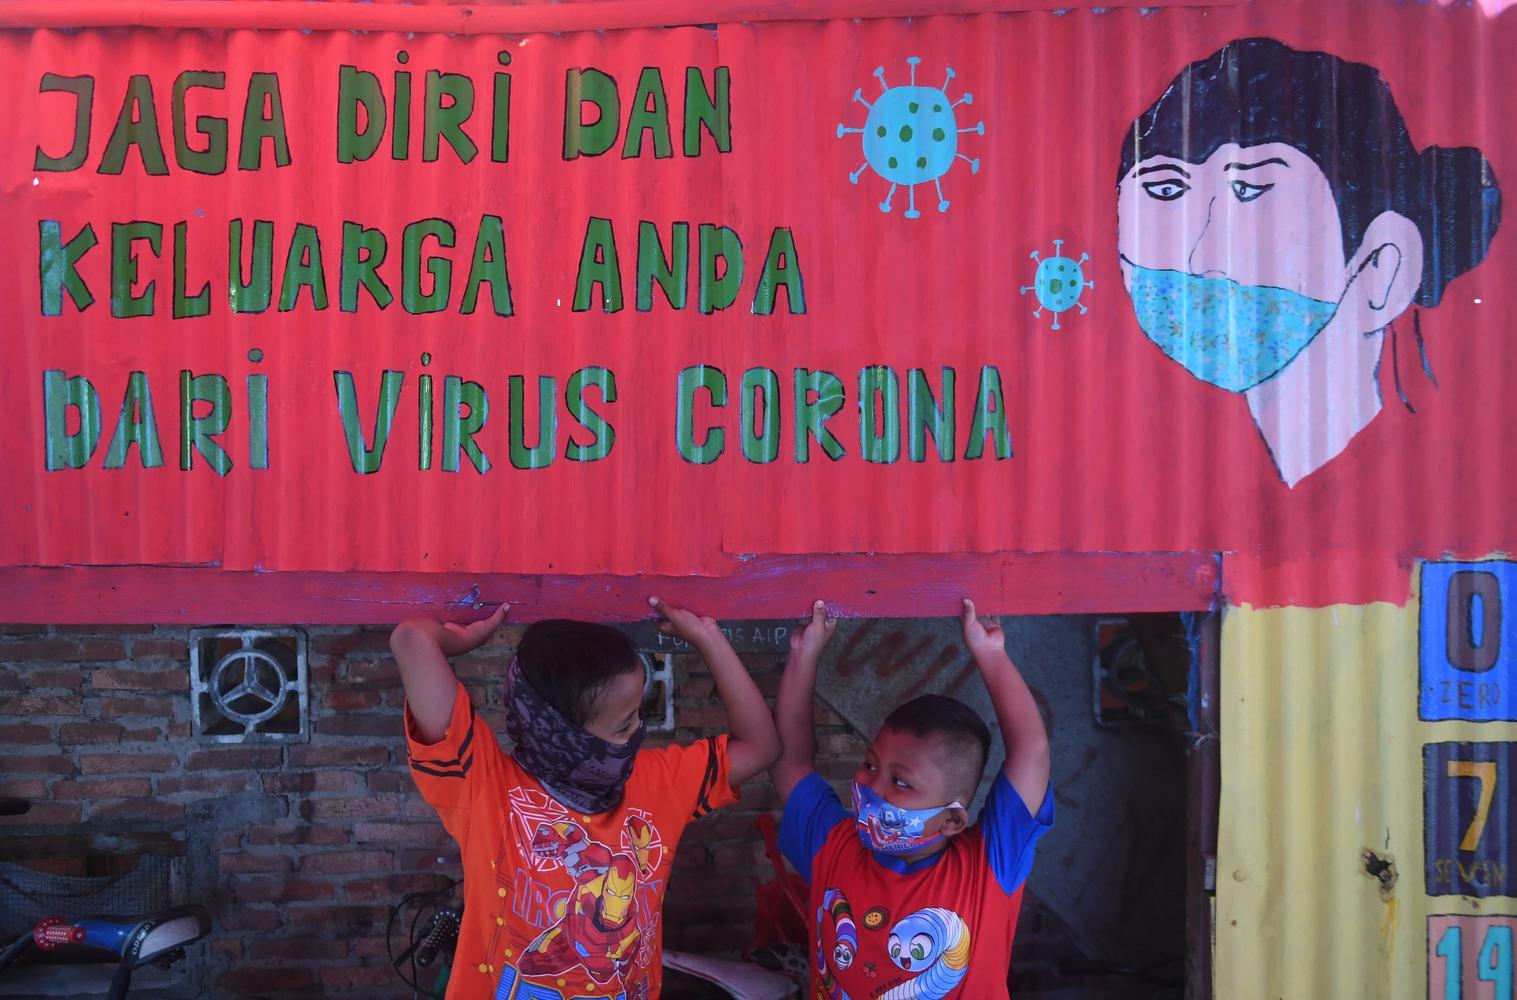 Seorang anak bermain di samping mural bertema COVID-19 di Jakarta, Senin (27/7/2020). Berdasarkan data dari Satgas Penanganan COVID-19 per 27 Juli 2020, kasus positif COVID-19 di Indonesia telah mencapai 100.303 kasus, dimana 58.173 orang dinyatakan sembuh dan 4.838 orang meninggal dunia.